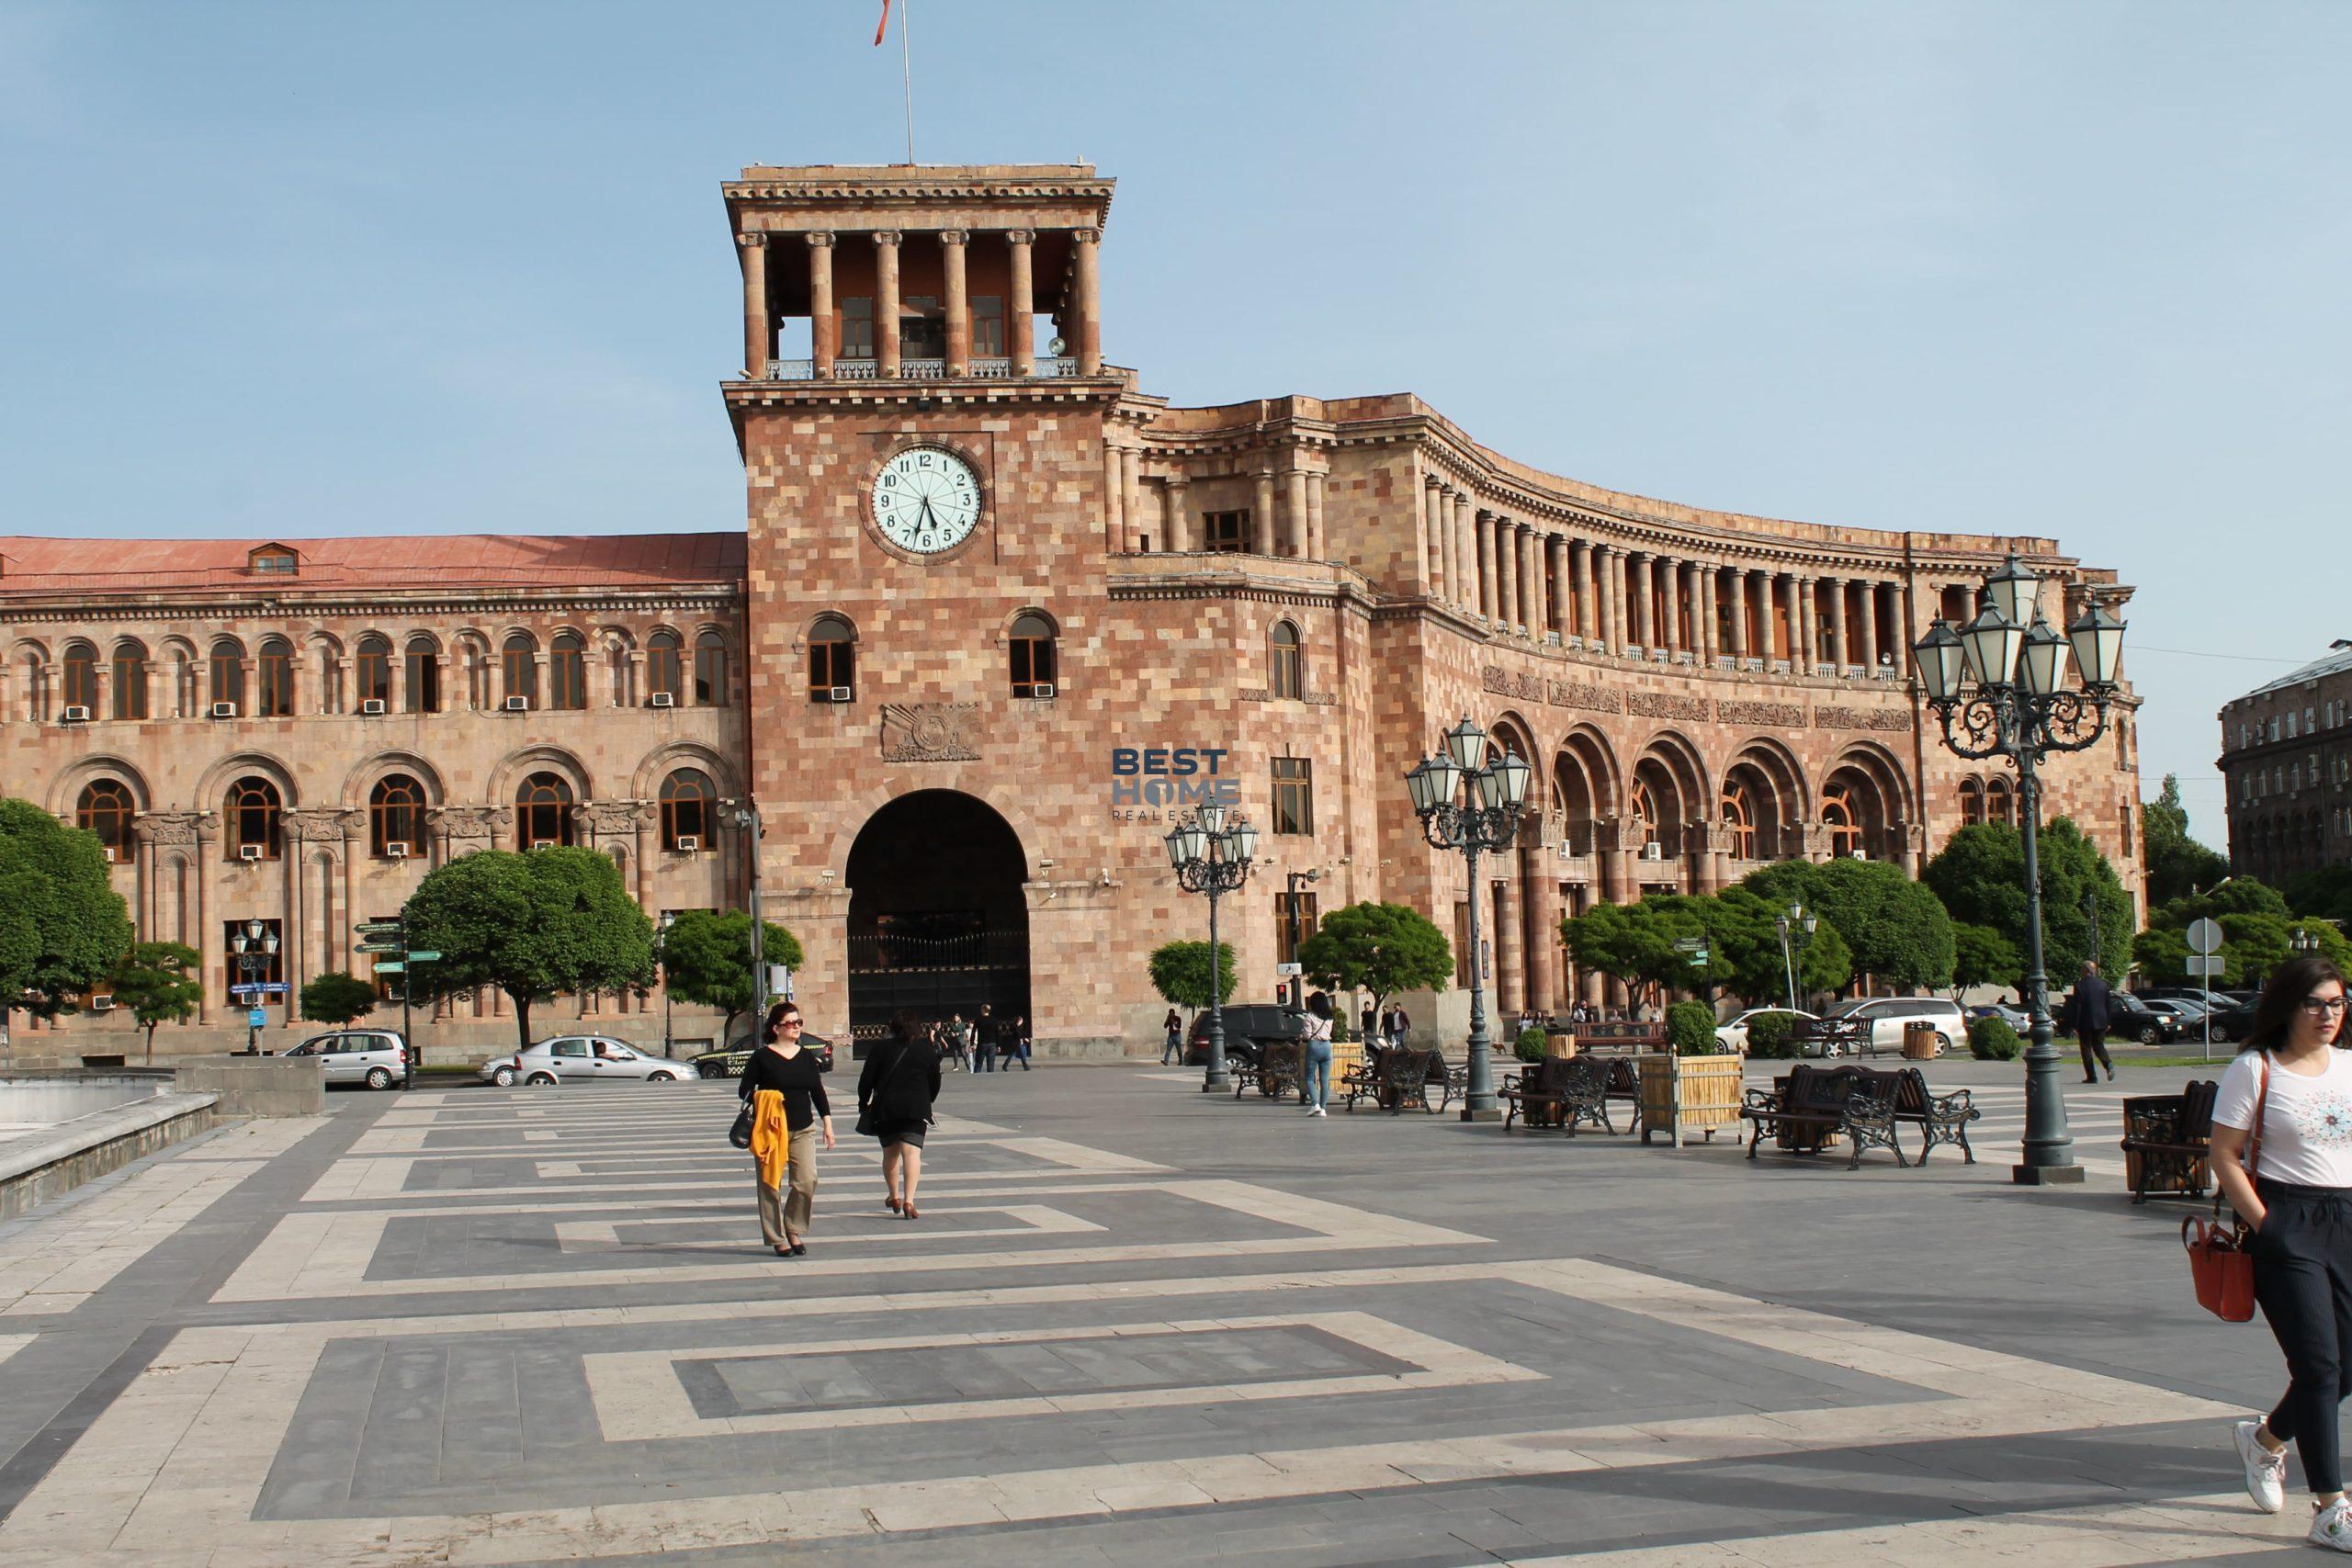 Купить квартиру в новостройке на улице Абовяна, исторический центр Еревана, квартиры с видом на площадь Азнавура. Недвижимость в Армении.